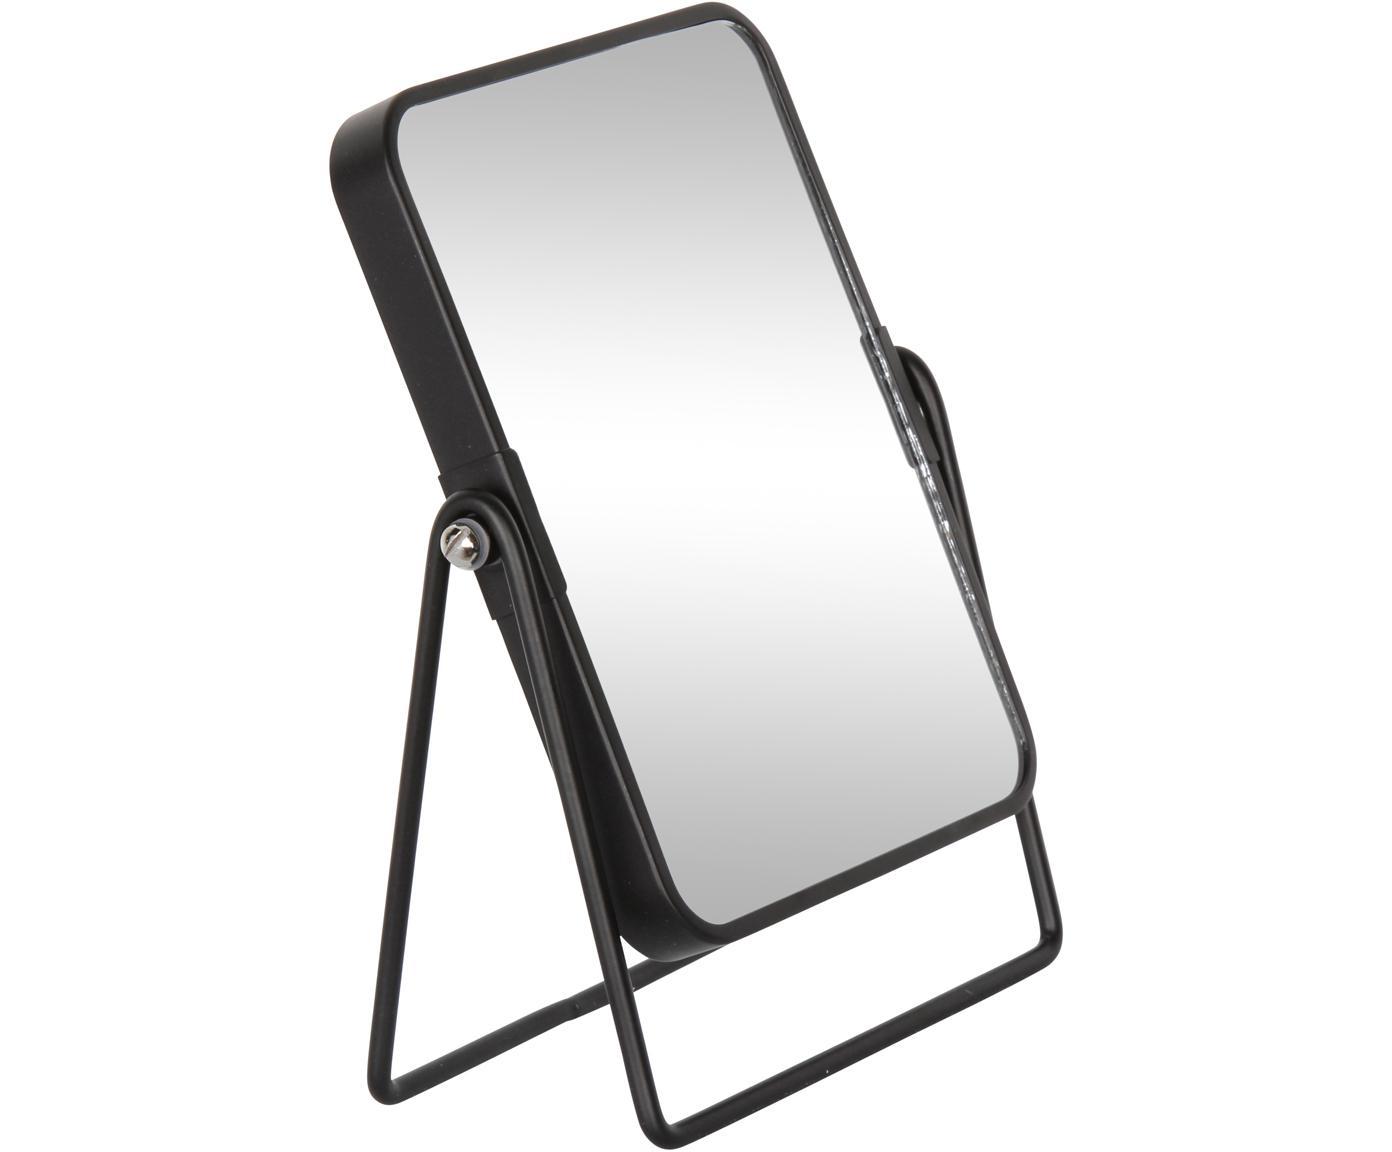 Espejo tocador Doppio, Vidrio, metal, Negro, espejo, An 16 x Al 21 cm